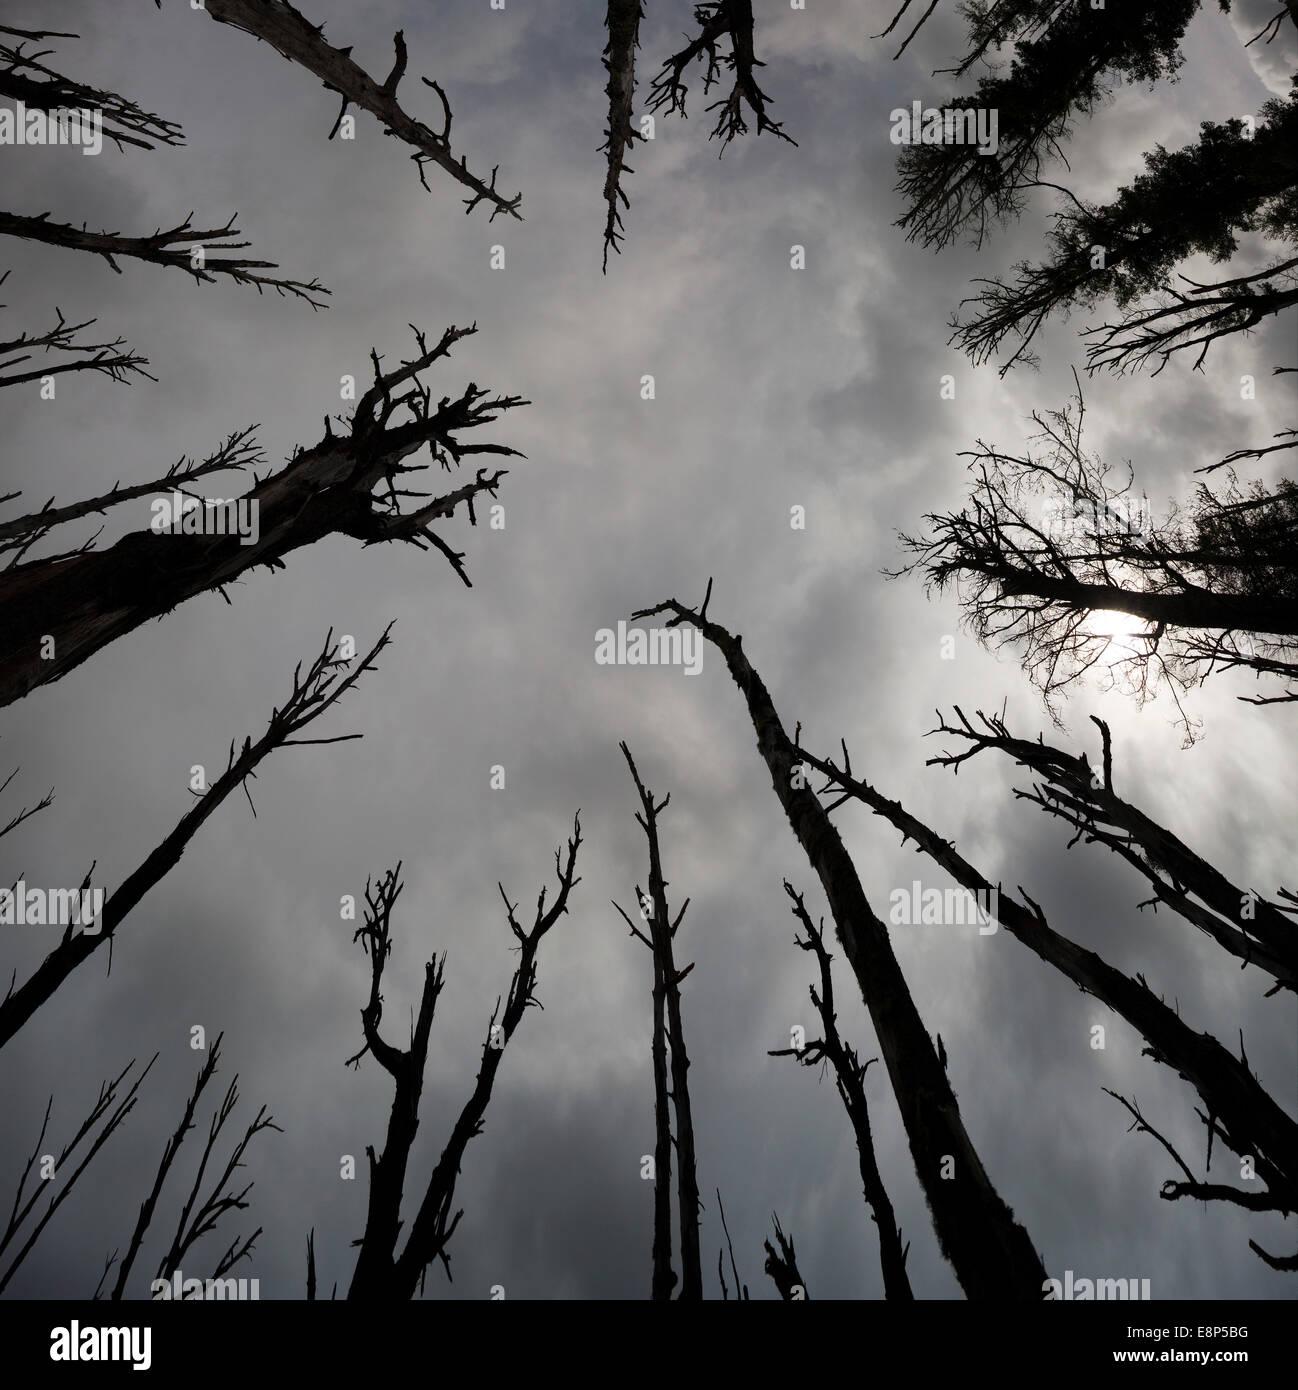 Dark Scary alberi morti Stormy Skies Haunted bosco basso angolo vista guardando fino silhouette male rami nero overhead Immagini Stock